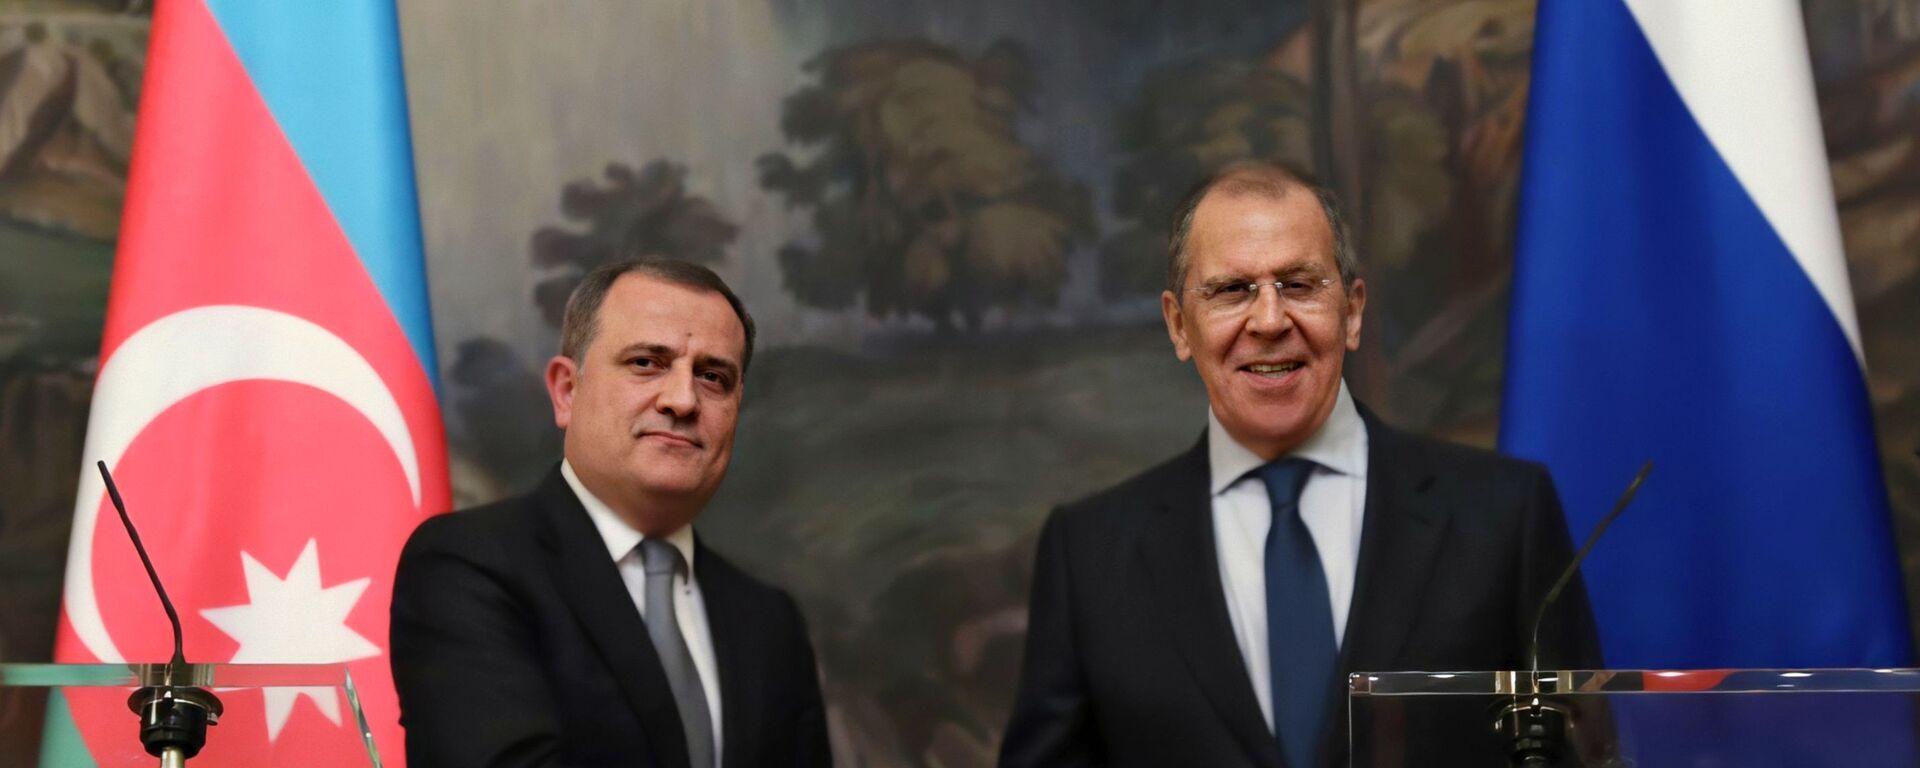 Министр иностранных дел РФ Сергей Лавров (справа) и министр иностранных дел Азербайджана Джейхун Байрамов - Sputnik Азербайджан, 1920, 11.05.2021